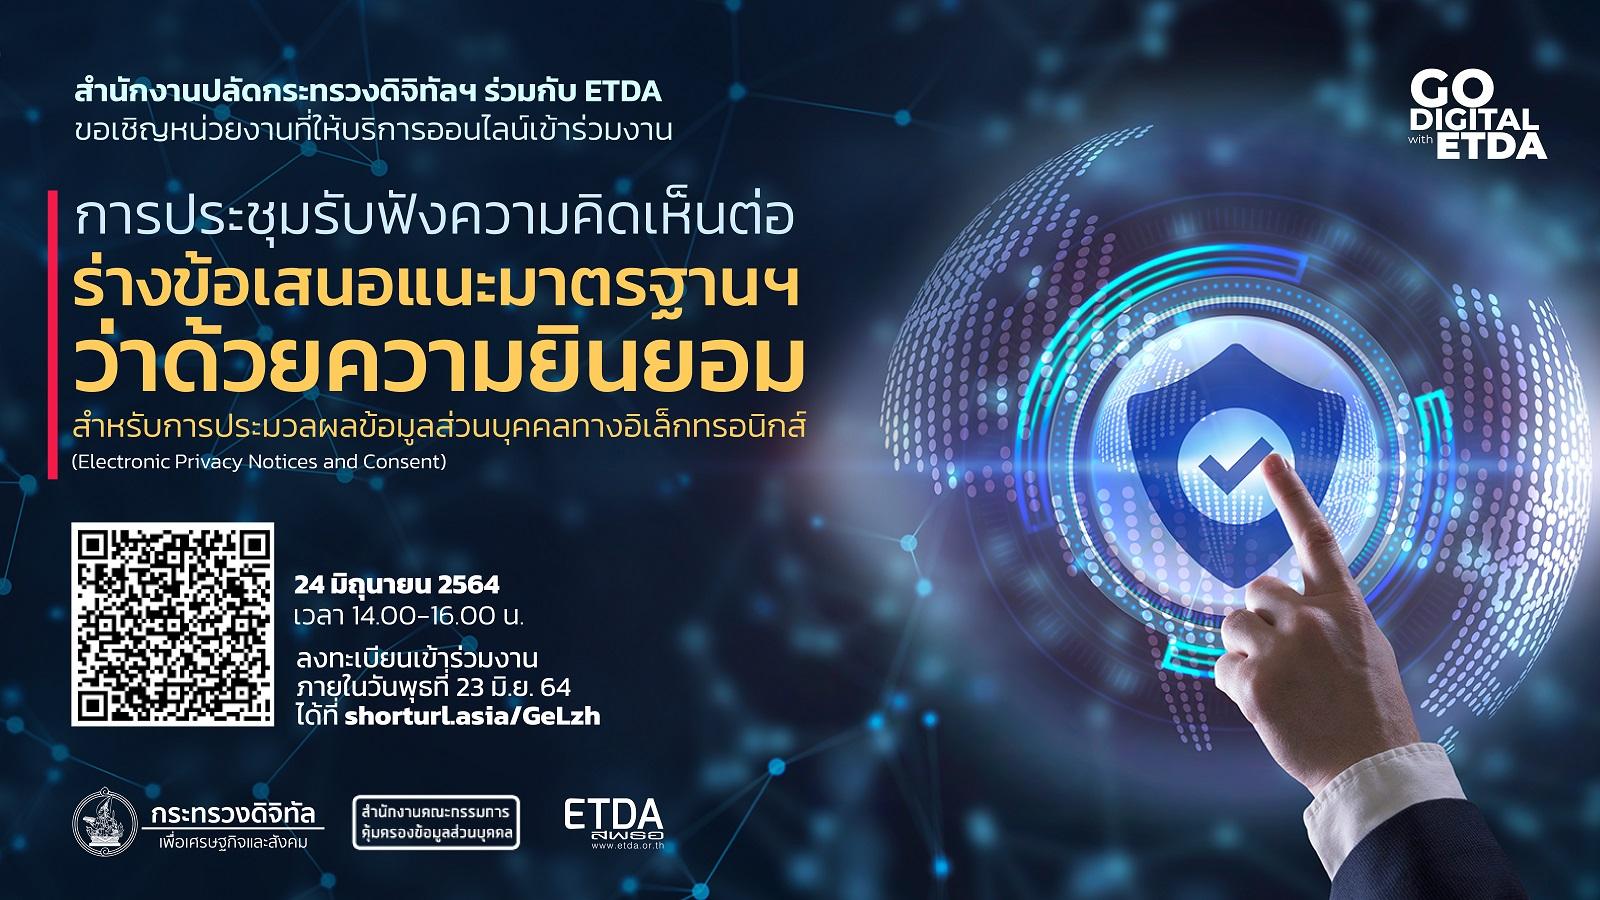 เปิดเวที Hearing ร่างข้อเสนอแนะมาตรฐานฯ Electronic Privacy Notices and Consent